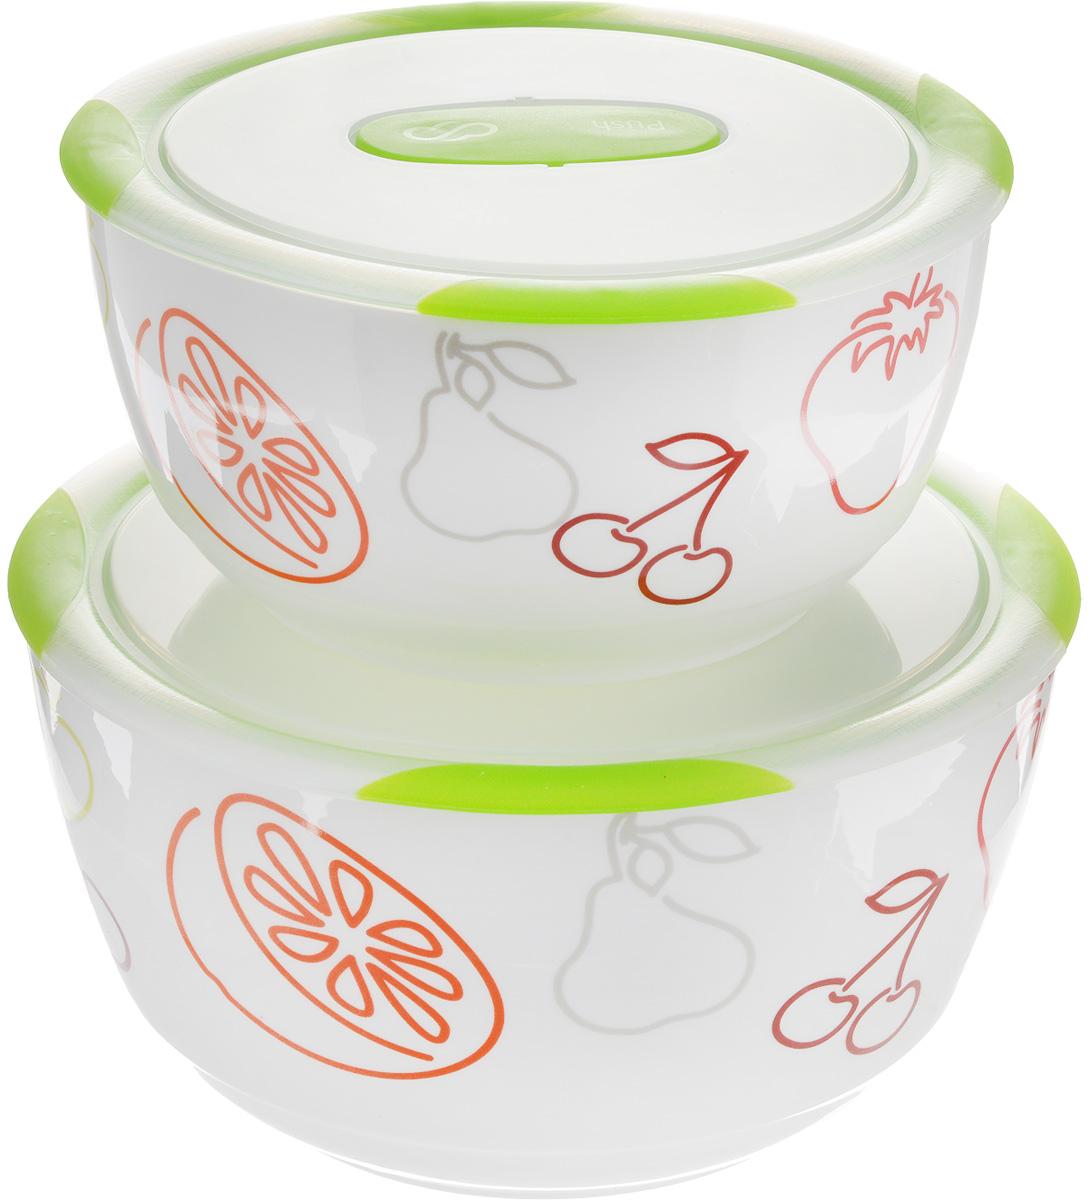 Набор мисок Oursson Bon Appetit, с крышками, цвет:зеленое яблоко, белый, 2 шт54 009312Набор Oursson состоит из двух мисок разного размера, выполненных из керамики иоформленных рисунком. Керамика, из которой изготовлены емкости, выдерживает температурудо 250°С, поэтому подать блюда на стол можно сразу после приготовления в микроволновойпечи или духовом шкафу. Миски снабжены плотно закрывающимися пластиковыми крышками с технологией Clip Fresh.Такой набор прекрасно подходит для хранения продуктов и соусов без проливания, которые непрольются при переноске благодаря силиконовому уплотнителю, обеспечивающему 100%герметичность. Миски являются универсальным приобретением для любой кухни. С их помощью можноготовить блюда, хранить продукты и даже сервировать стол. Оригинальный дизайн, высокоекачество ифункциональность набора Oursson позволят ему стать достойным дополнением к вашемукухонному инвентарю. Можно мыть в посудомоечной машине.Характеристика емкости №1:Объем: 3 л. Высота стенки: 11,3 см.Диаметр (по верхнему краю): 21,3 см.Характеристика емкости №2:Объем: 1,7 л. Высота стенки: 9 см. Диаметр (по верхнему краю): 18,1 см.